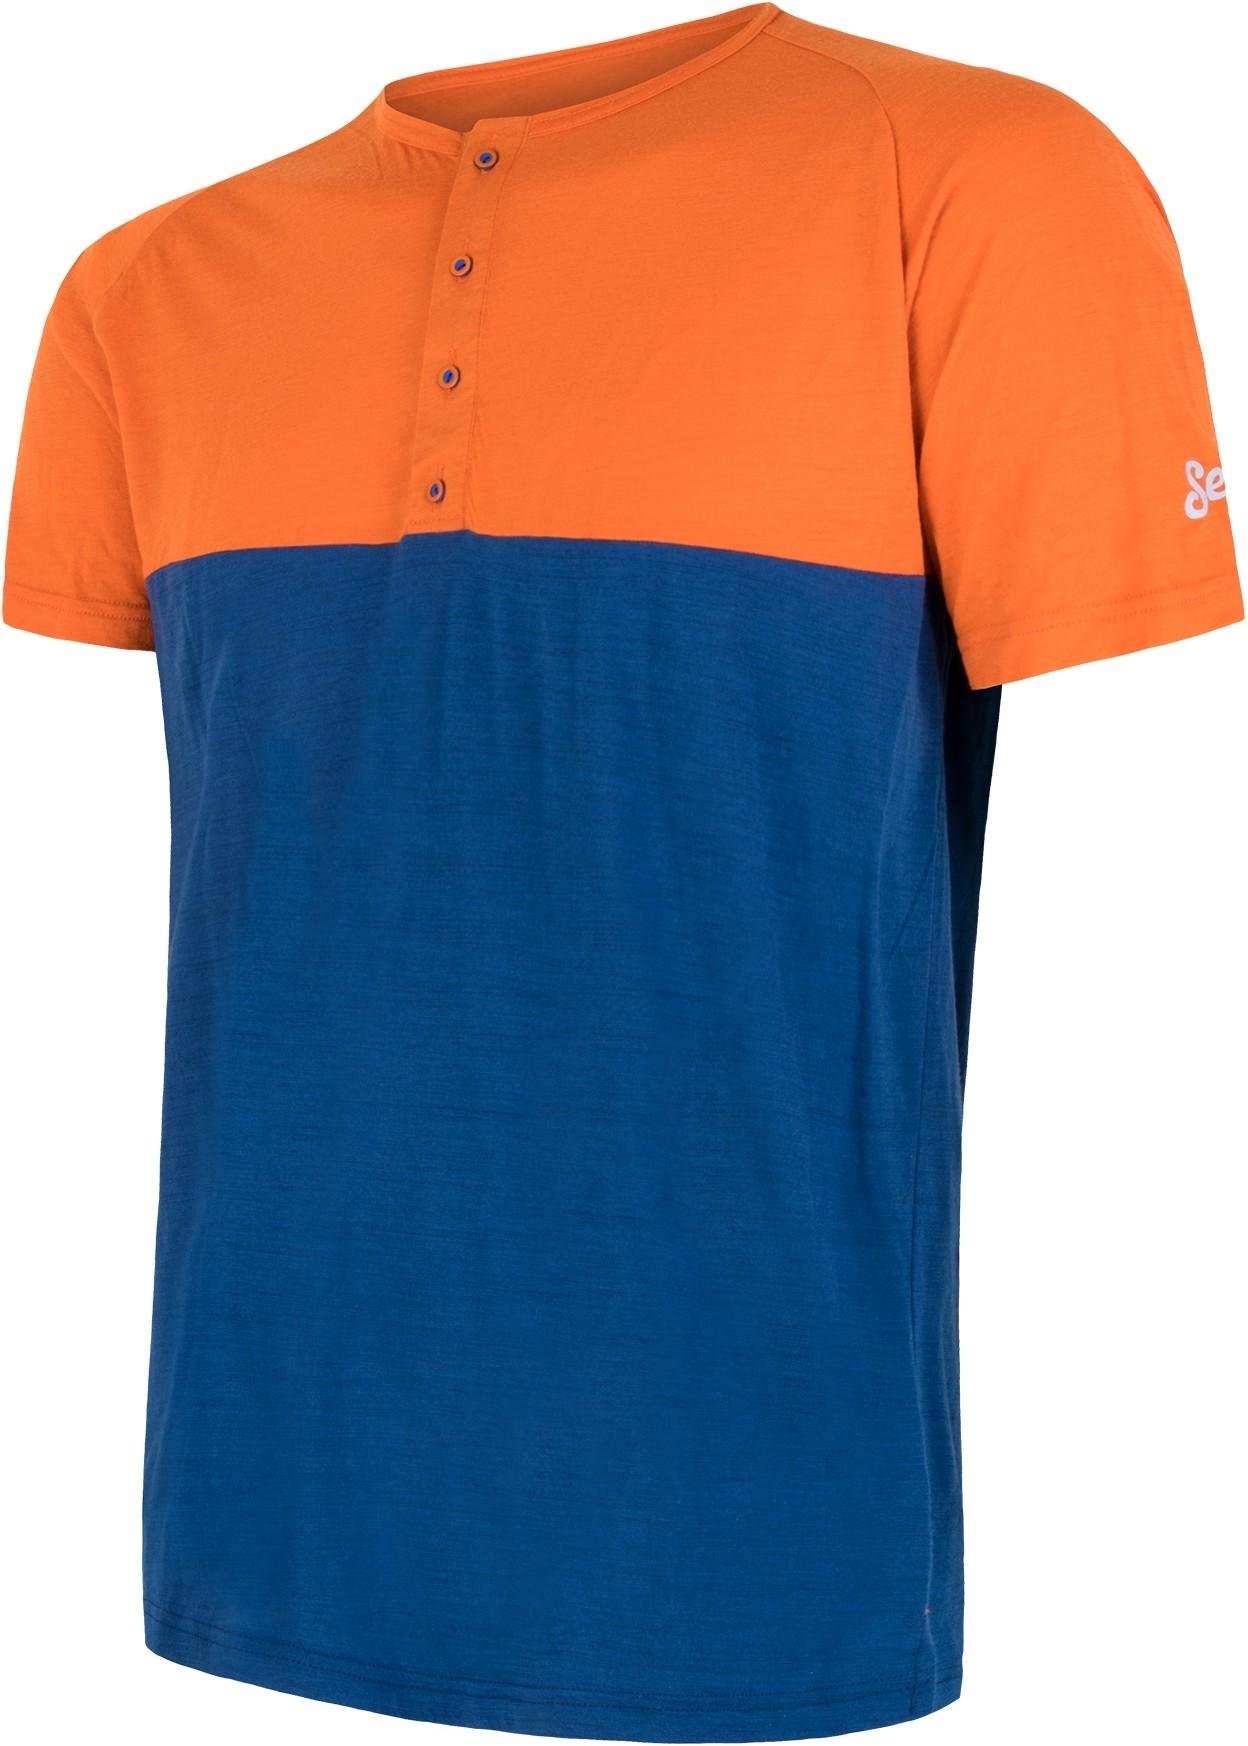 Sensor t shirt męski z guzikami Merino Air PT pomarańczowo niebieski XL